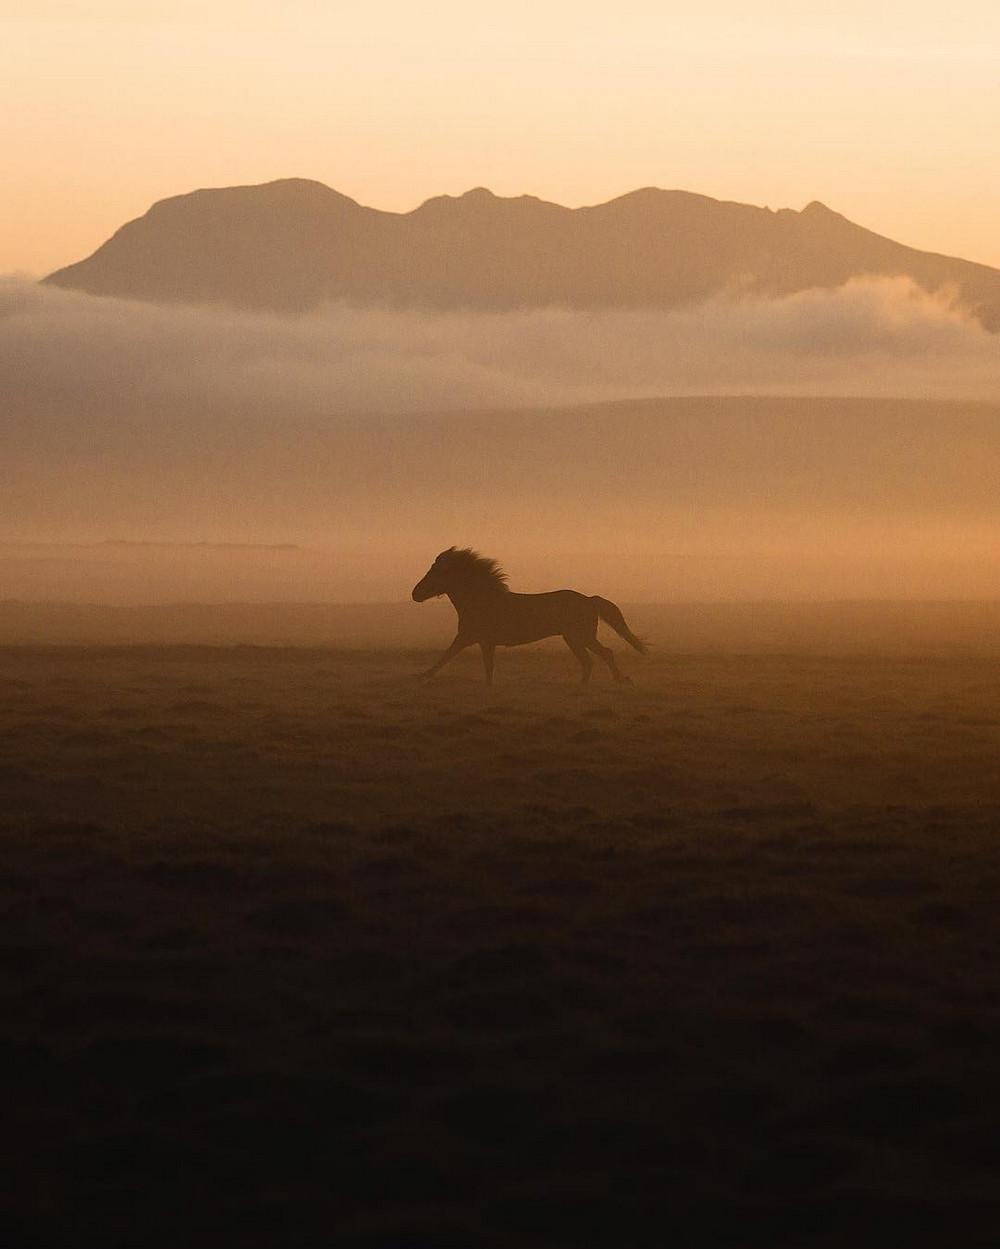 Животные и природа в фотографиях Донала Бойда